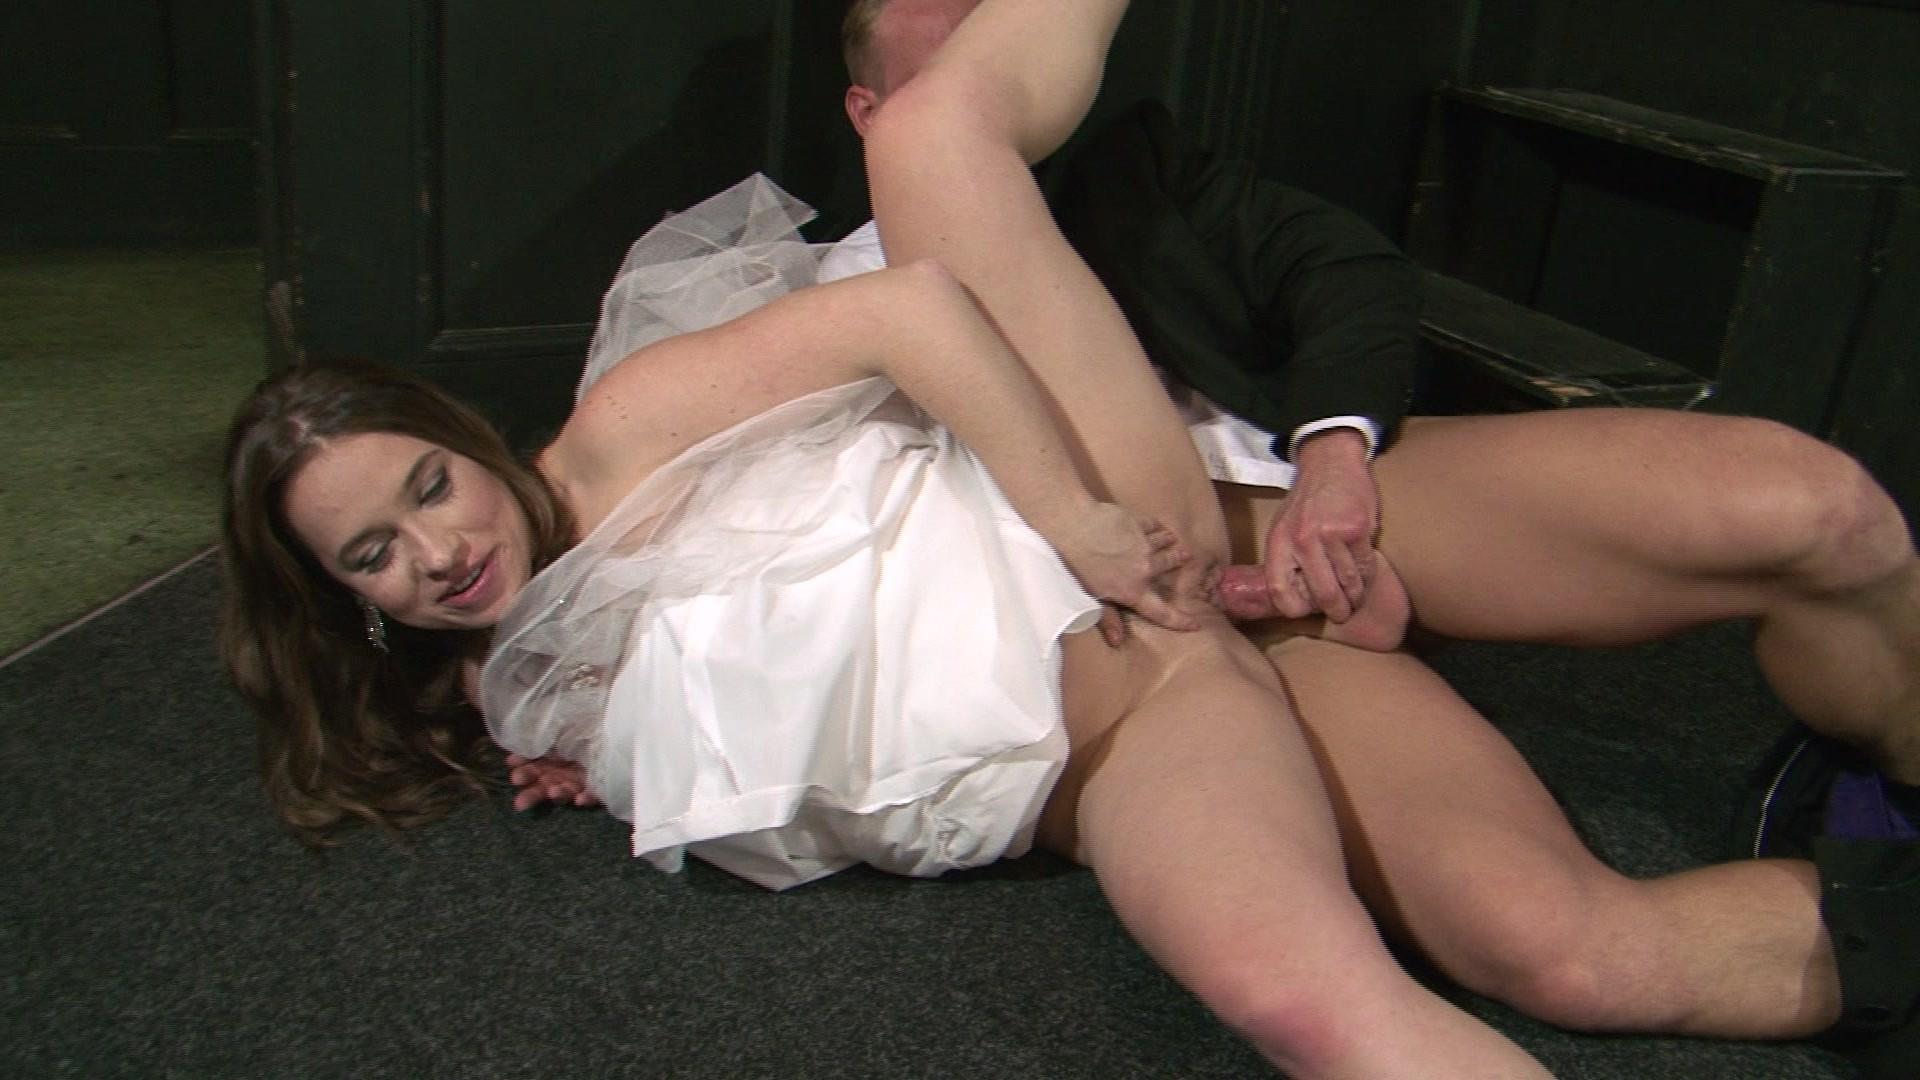 Mega porn sex pics watch and download mega porn full porn